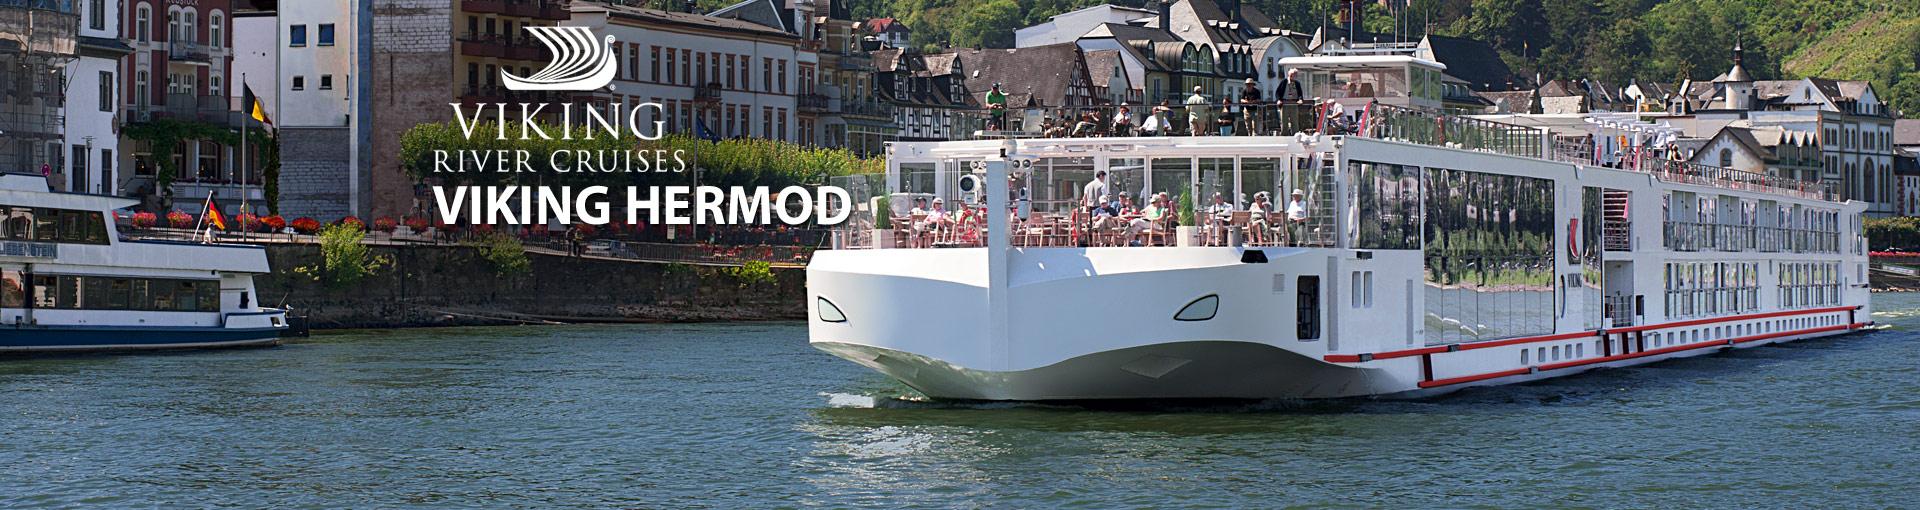 Viking Rivers Viking Hermod river cruise ship